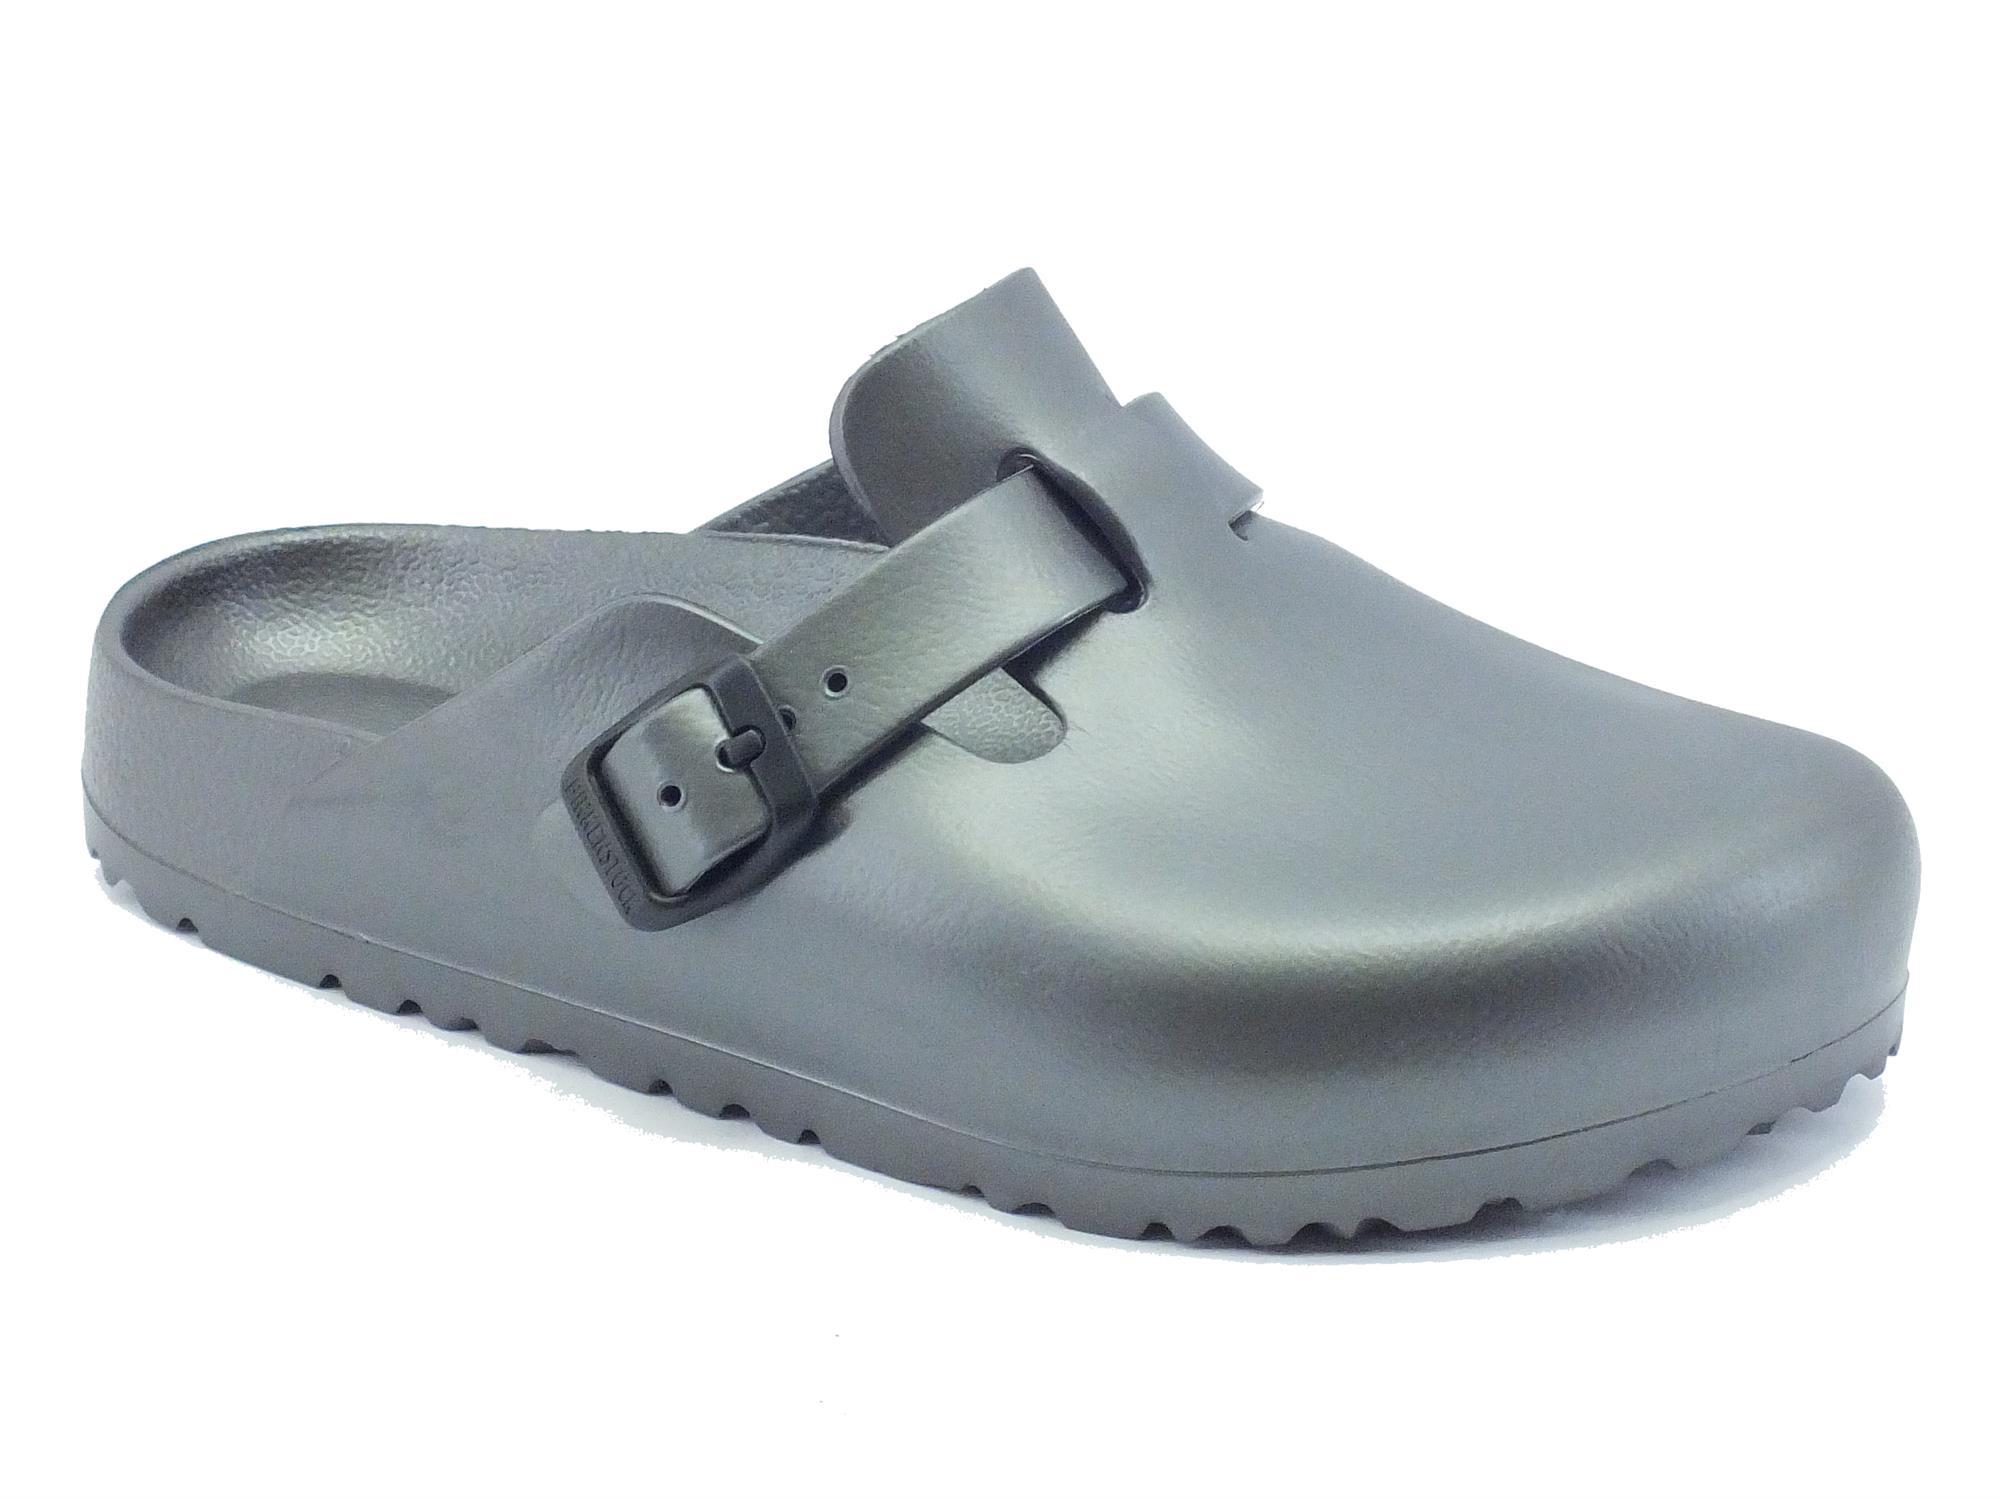 Sandali Birkenstock donna gomma grigio - Vitiello Calzature 96bef251a9d